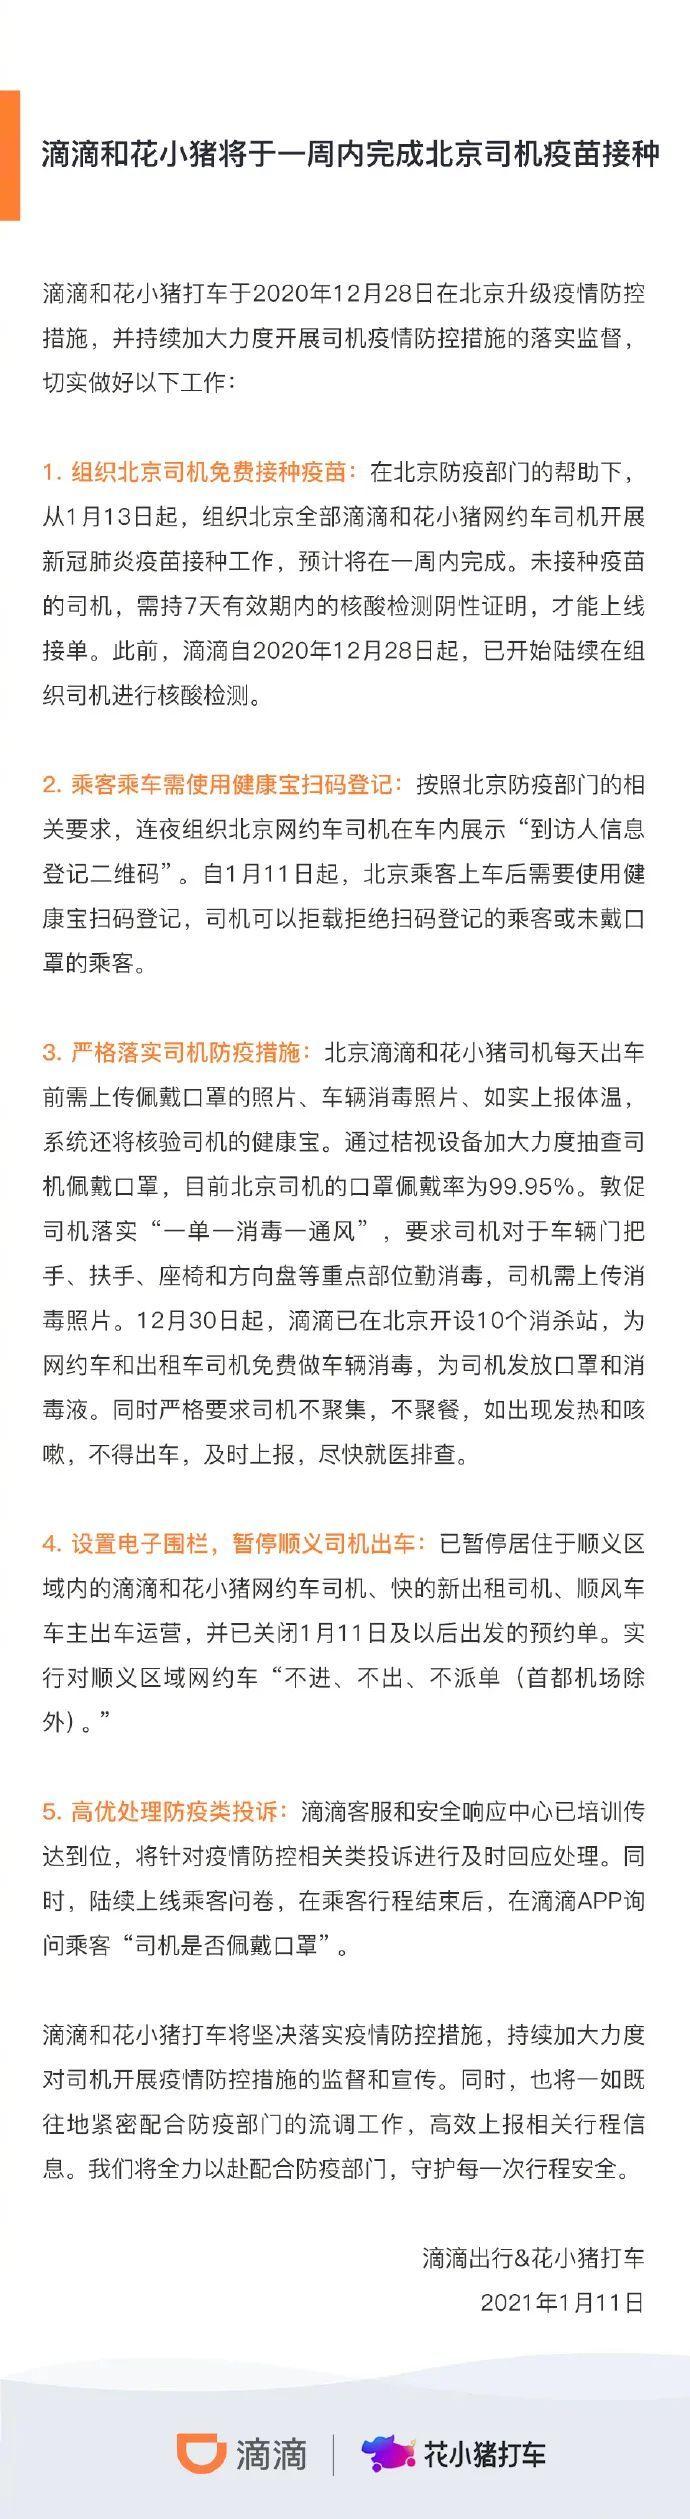 北京一家7口感染,其中1人为网约车司机